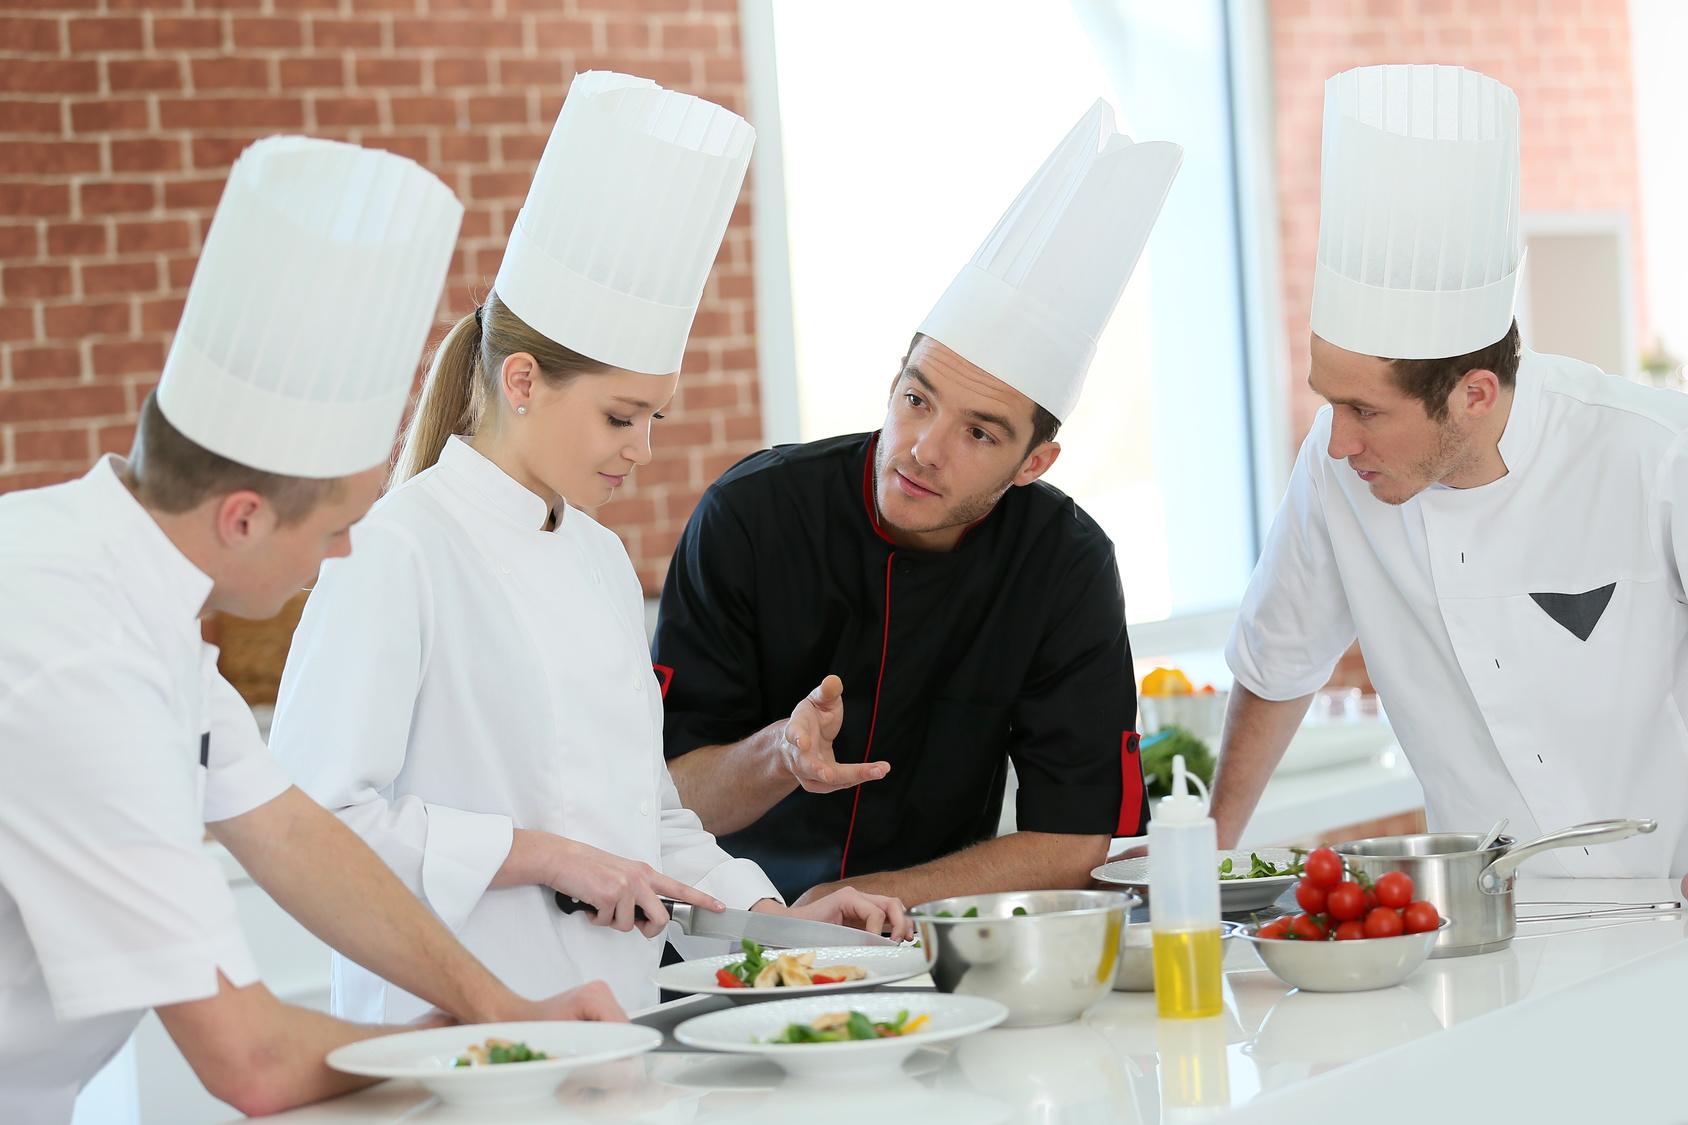 Rozwój polskiej gastronomii poprzez pomoc i naukę młodszego pokolenia